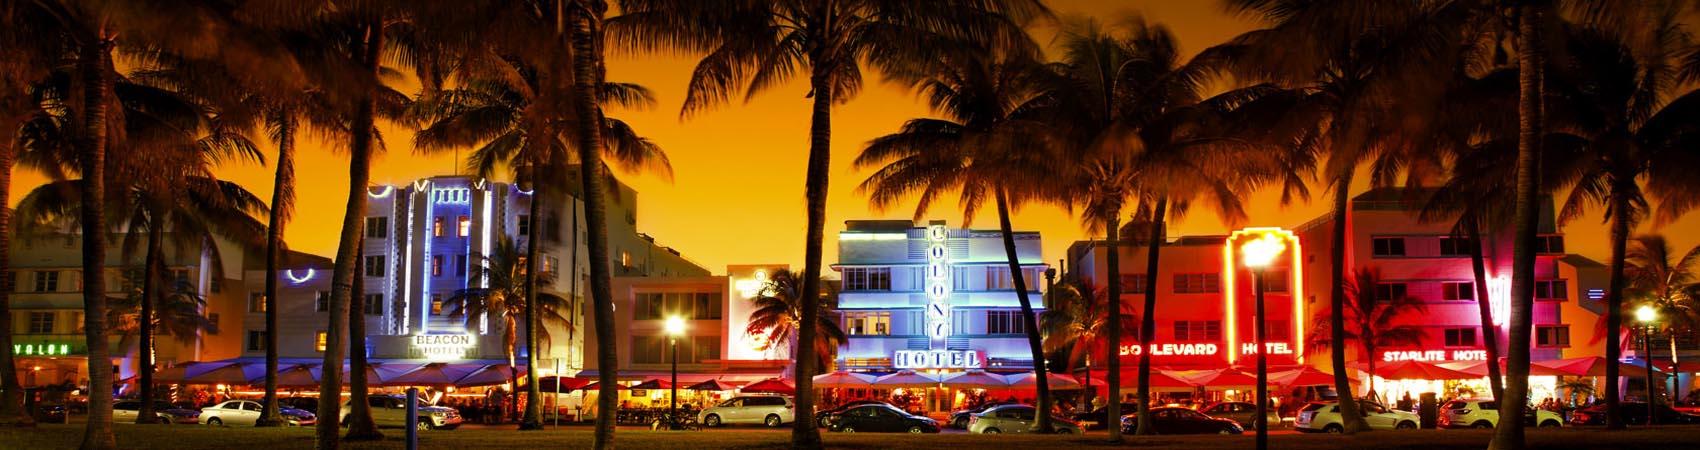 Cosa mangiare a Miami